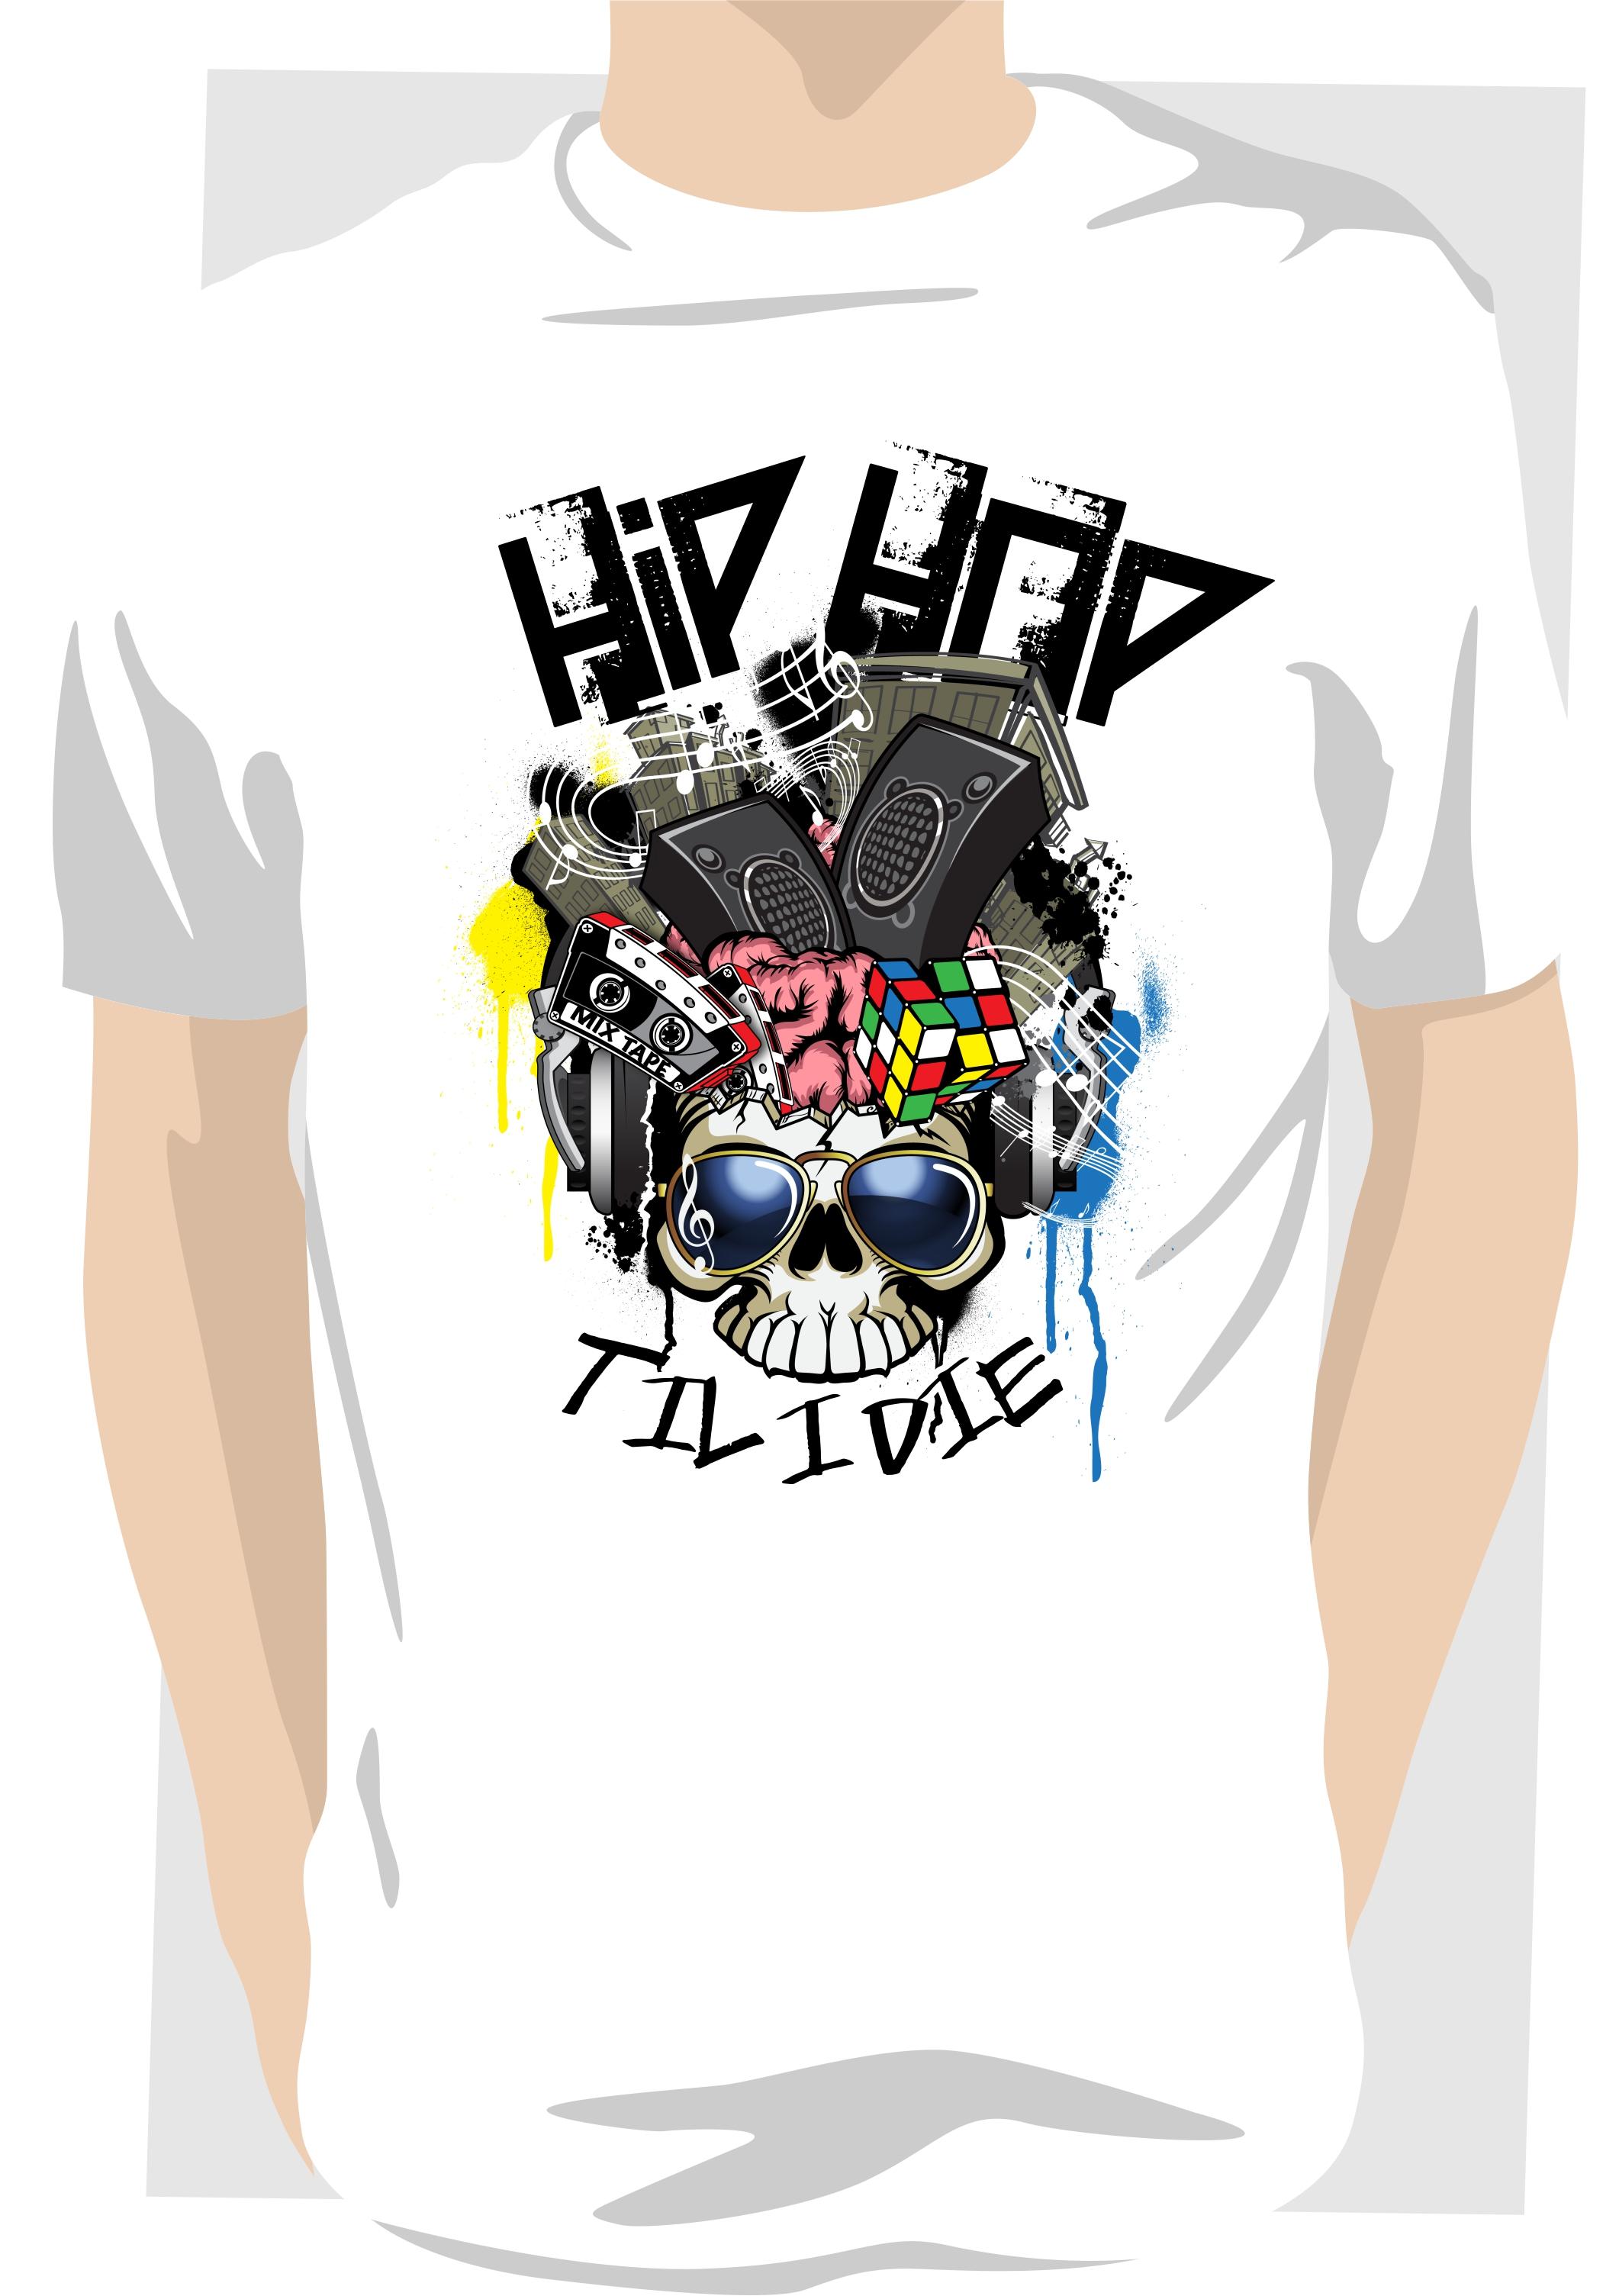 Hip Hop Skull T shirt - Axznt Clothing b96675fb80e9